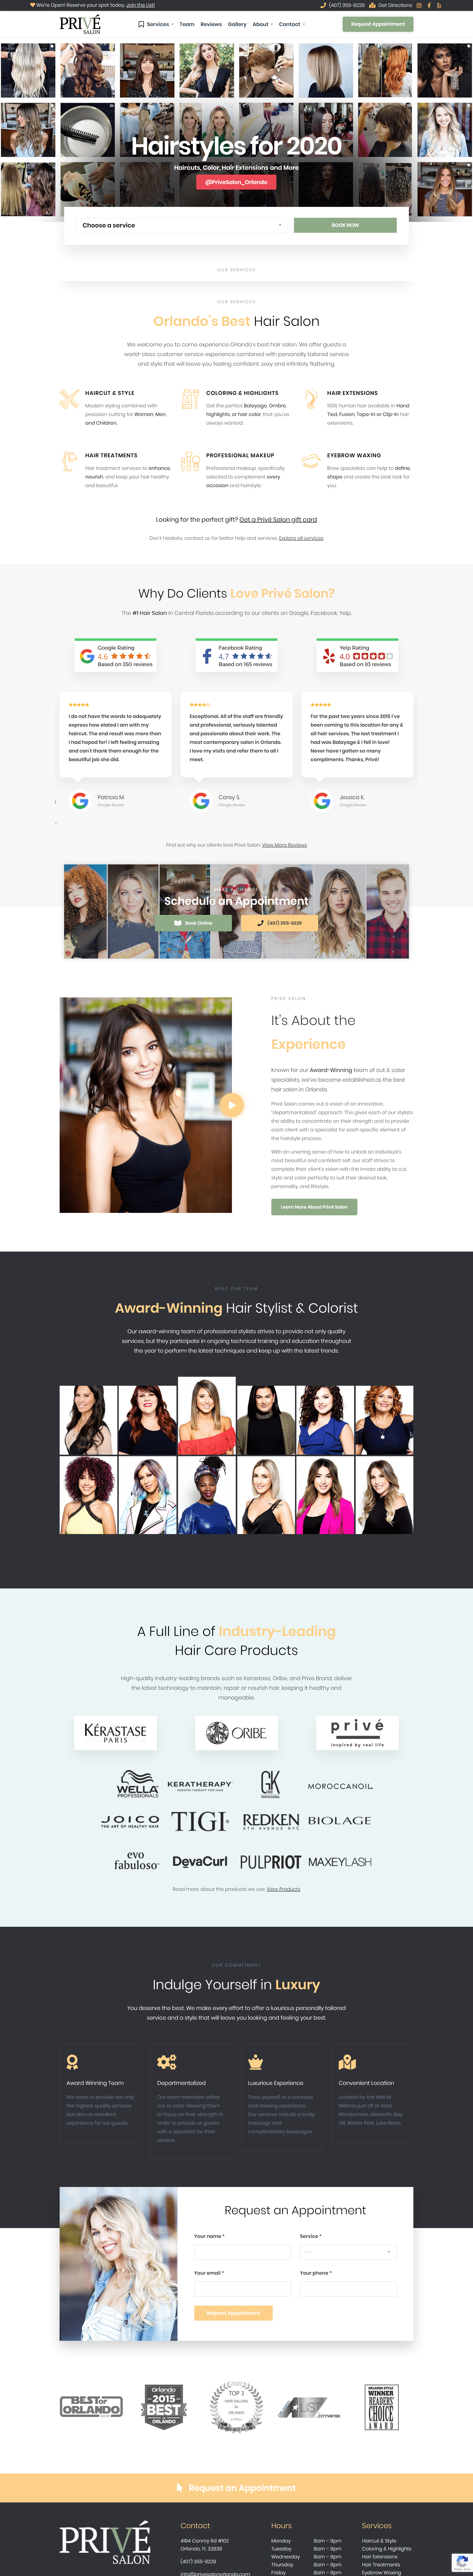 Web Design and Web Marketing for Prive Salon